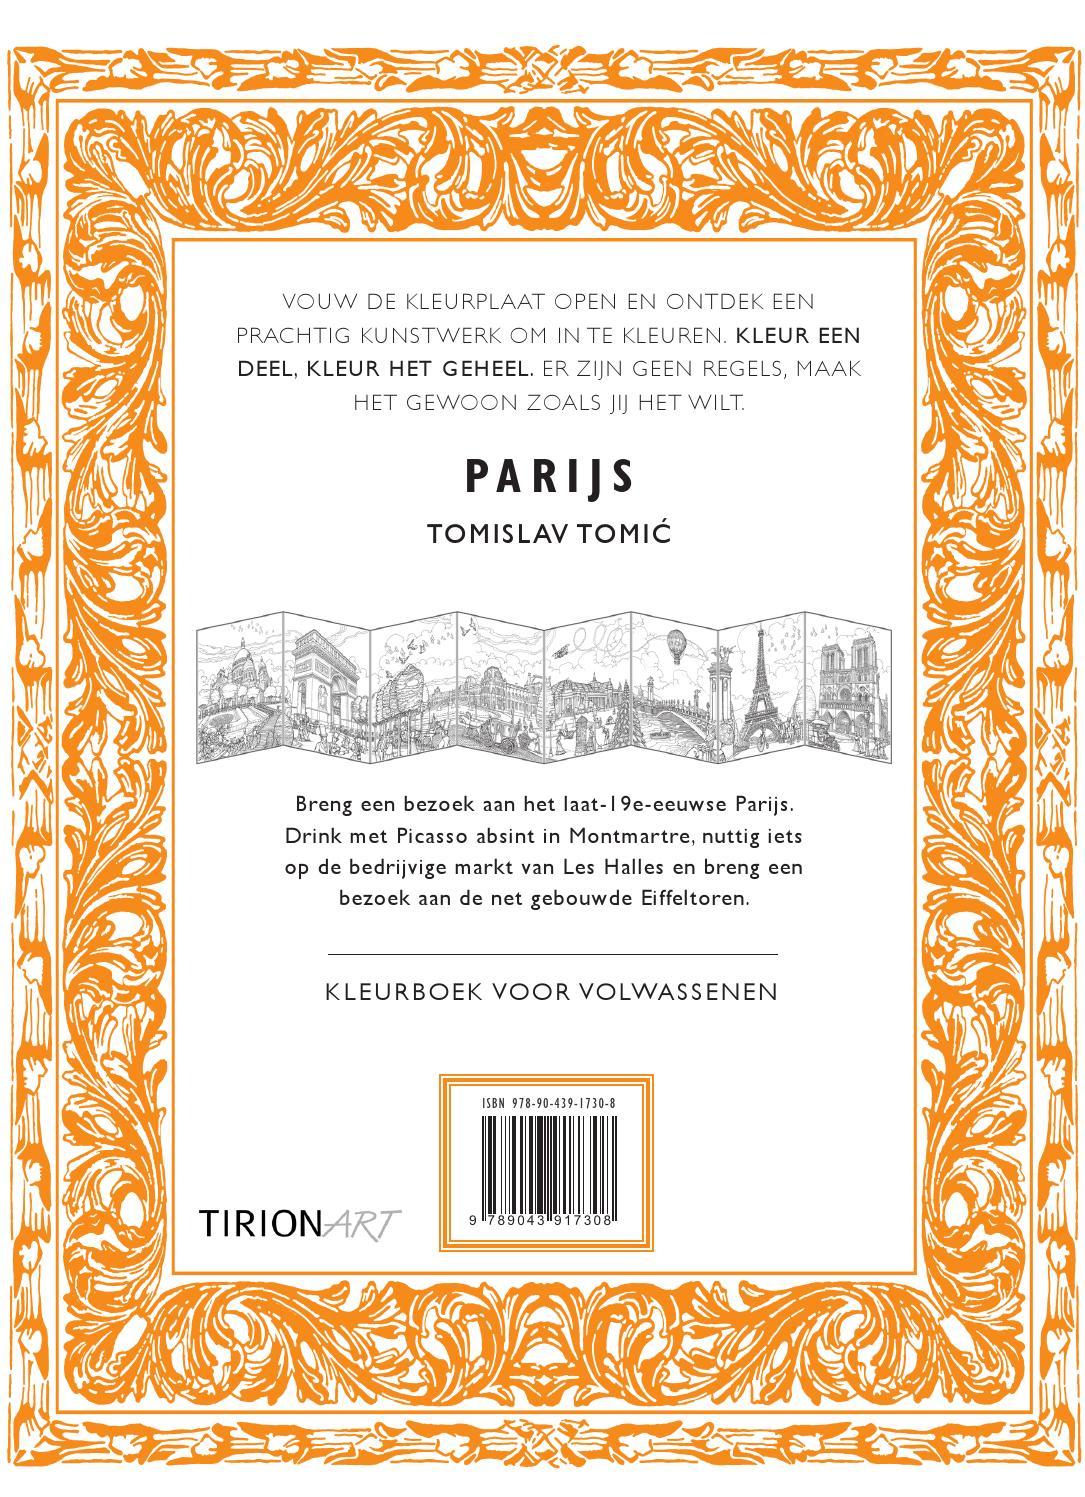 Kleurplaten Voor Volwassenen Parijs.Inkijkexemplaar Kleurboek Voor Volwassenen Parijs By Veen Bosch